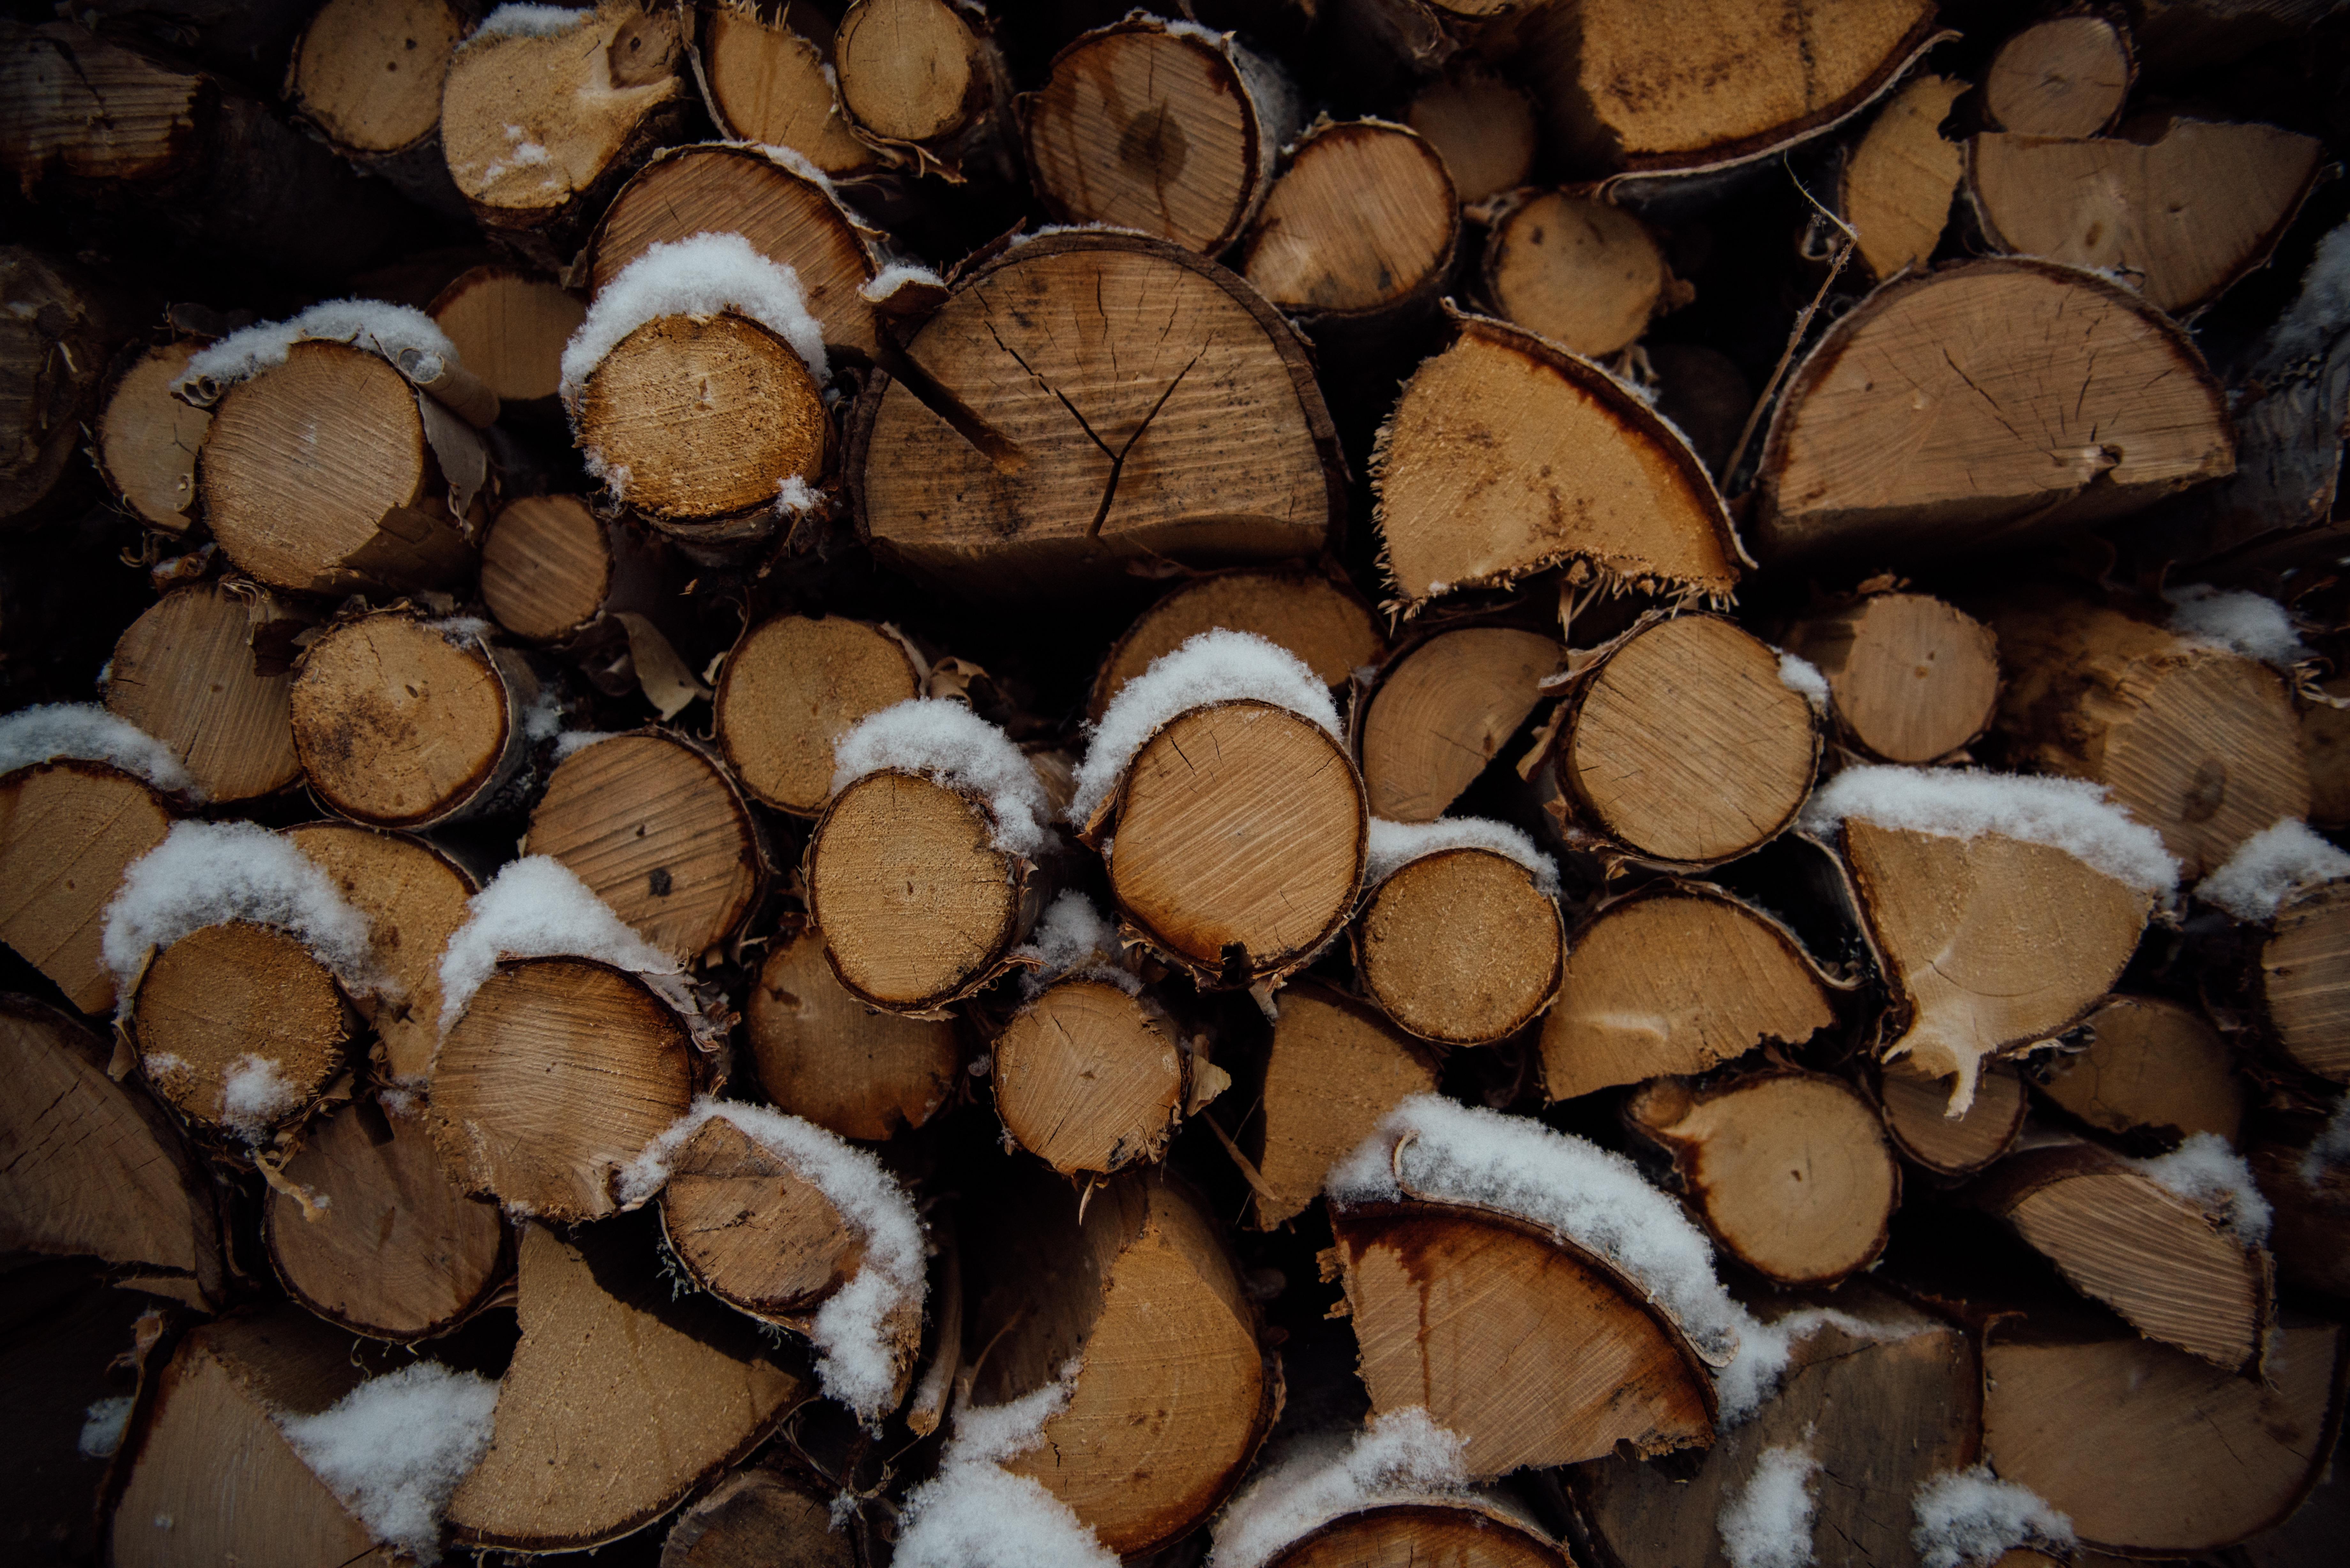 Images gratuites arbre texture pile b che aliments champignon bois de chauffage noix de - Arbre fruitier comme bois de chauffage ...